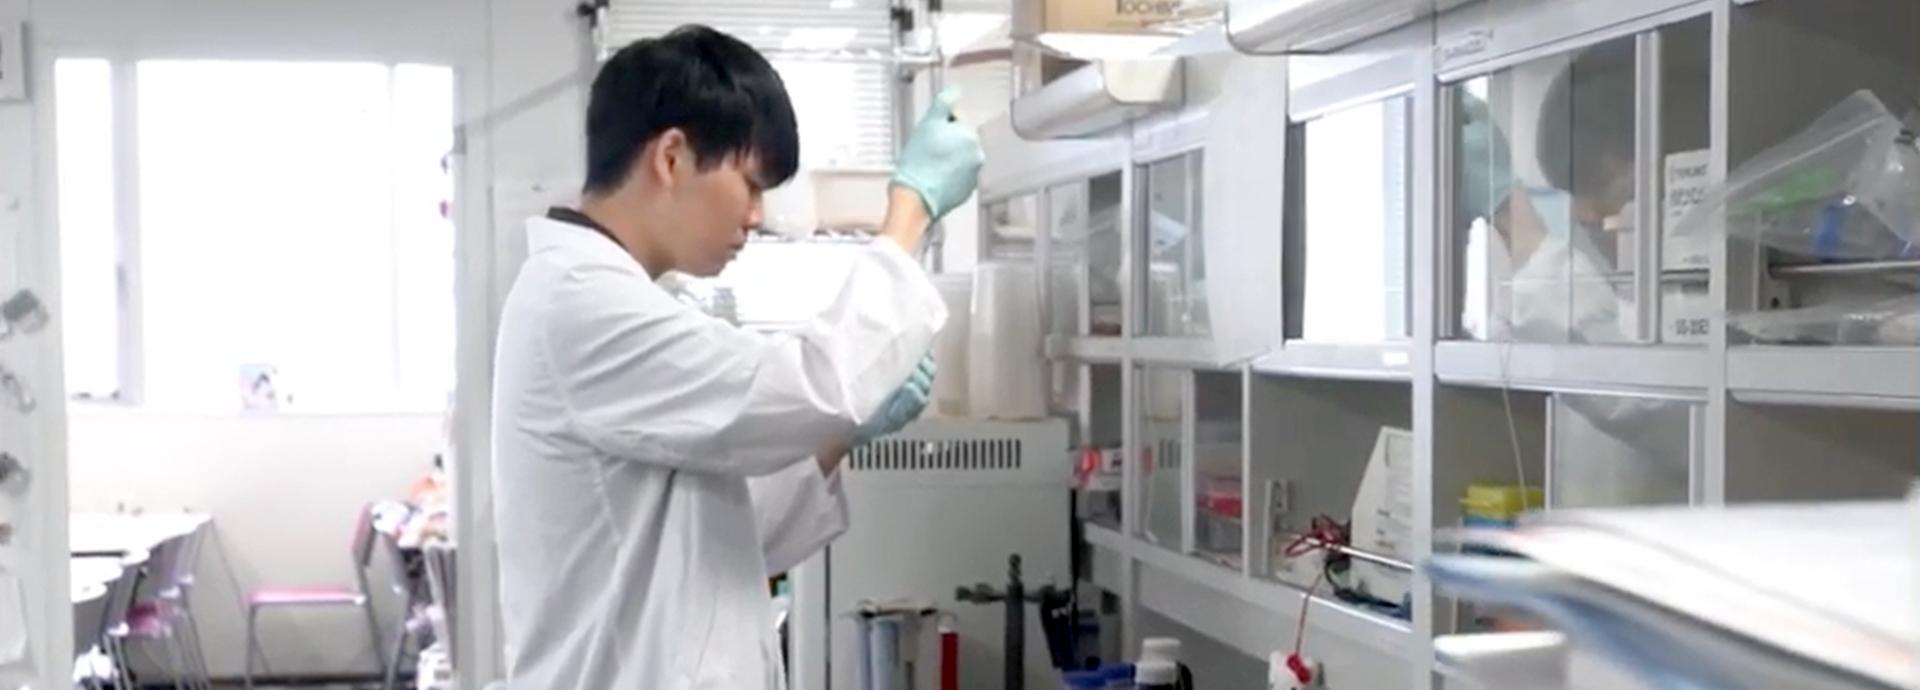 「プリン体」の解明により現代の病である高尿酸血症・痛風の治療を支える